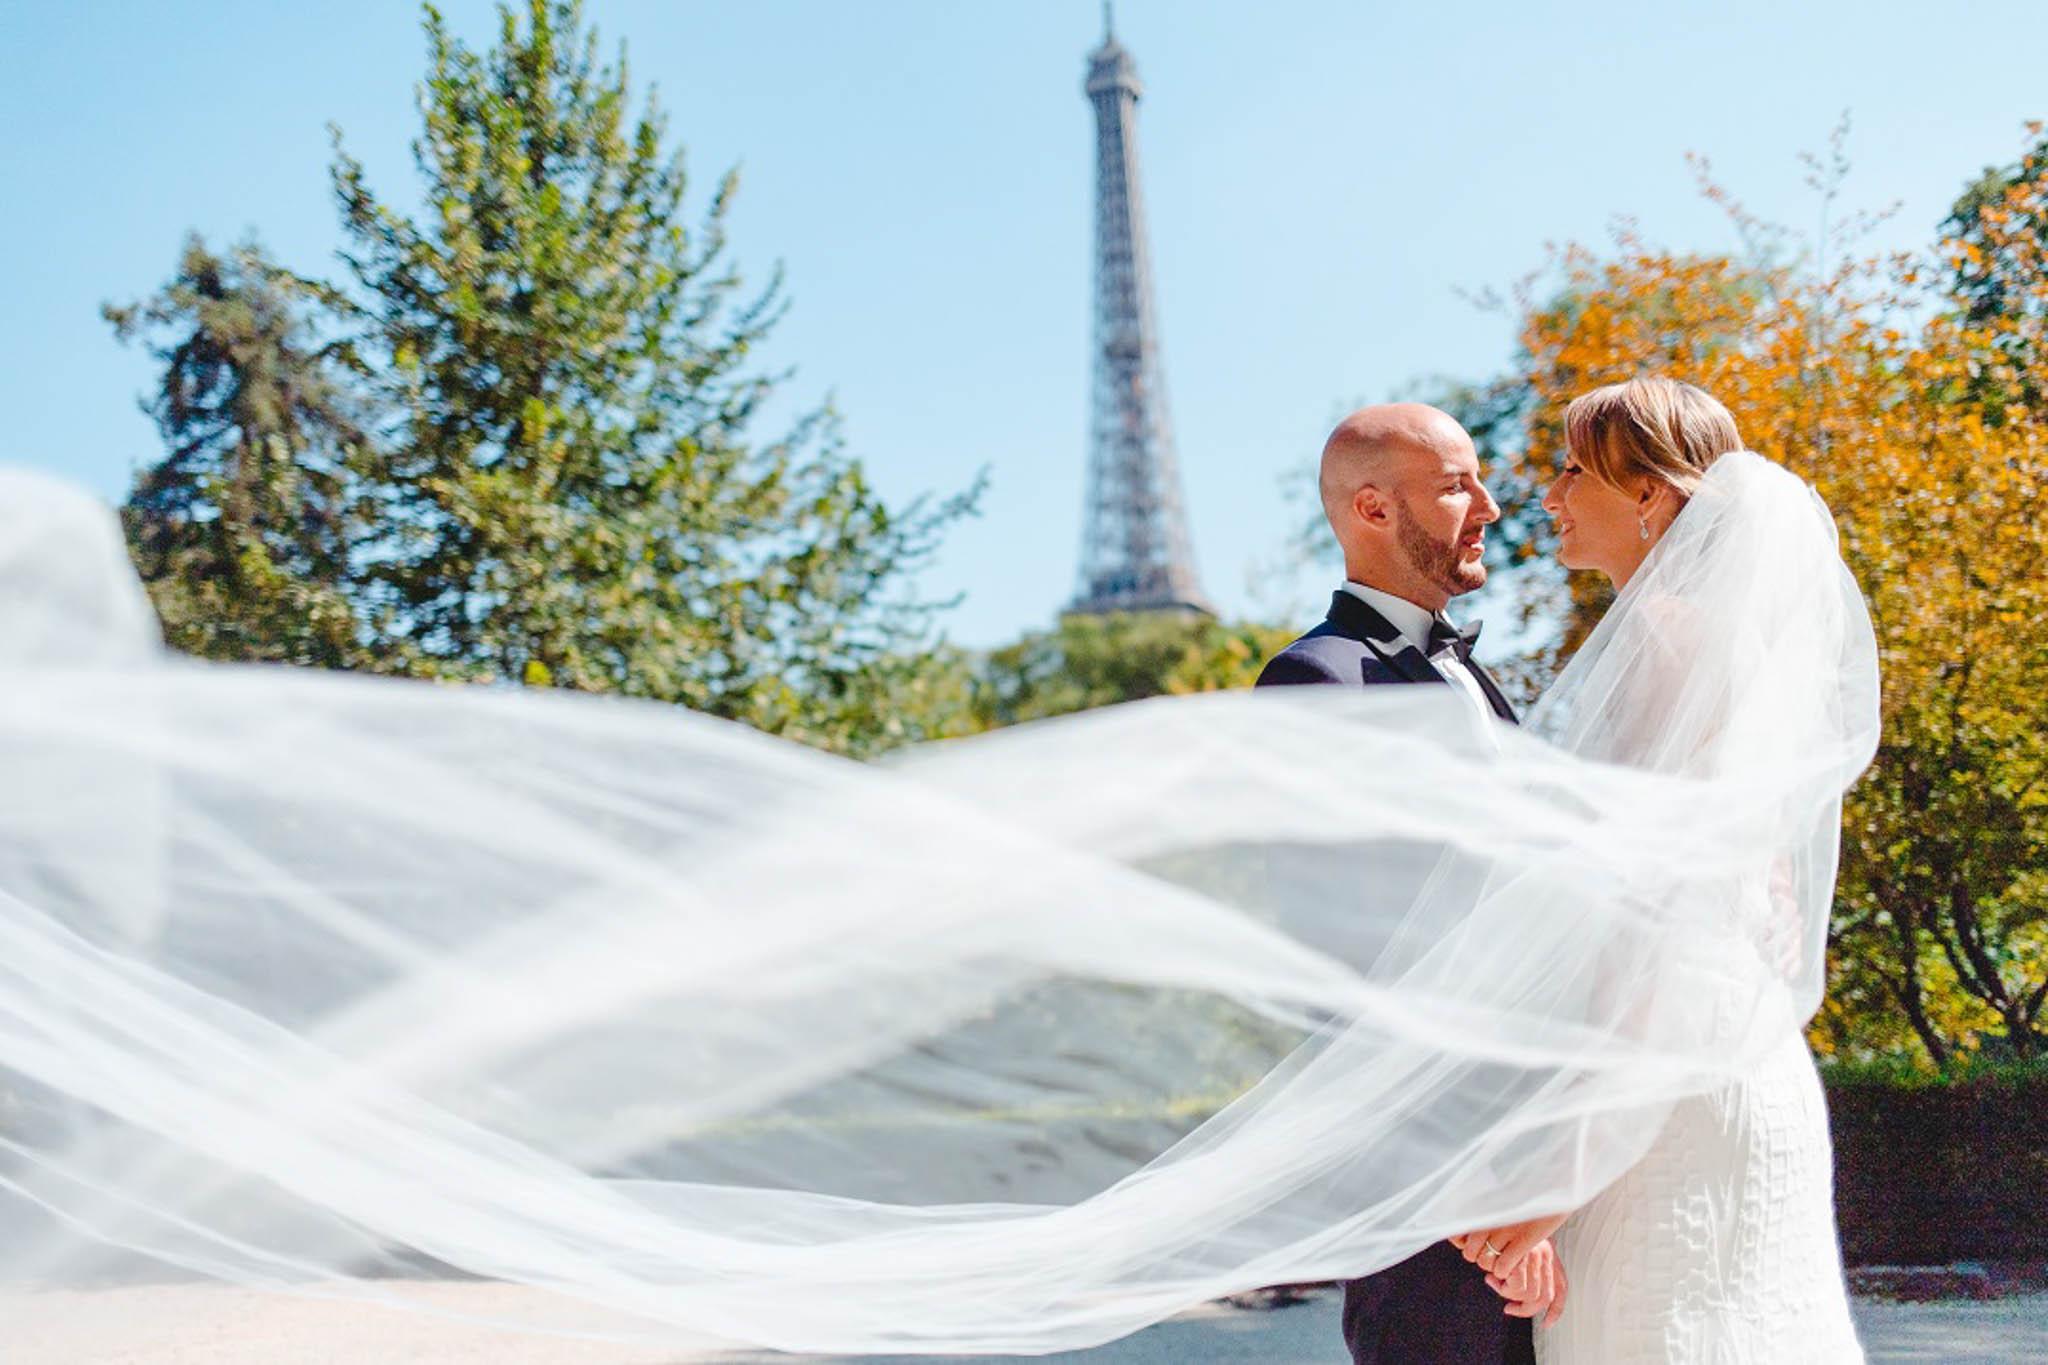 Art_Avec_Amour_Photographe_Mariage_Famille_Paris_France-00053.jpg